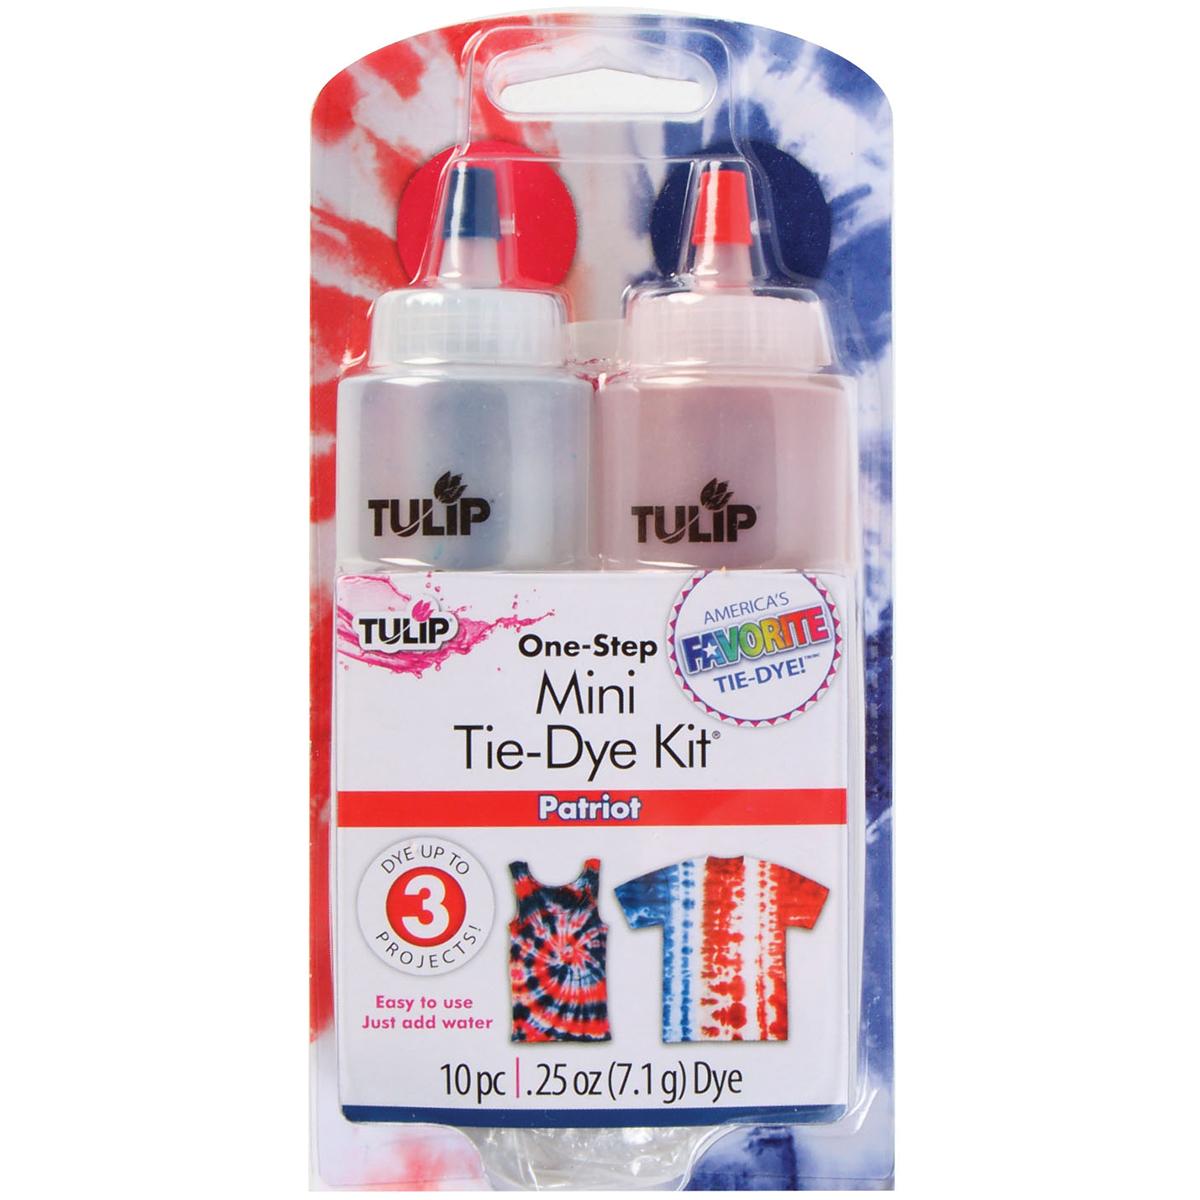 Tulip One-Step Mini Tie-Dye Kit-Patriot